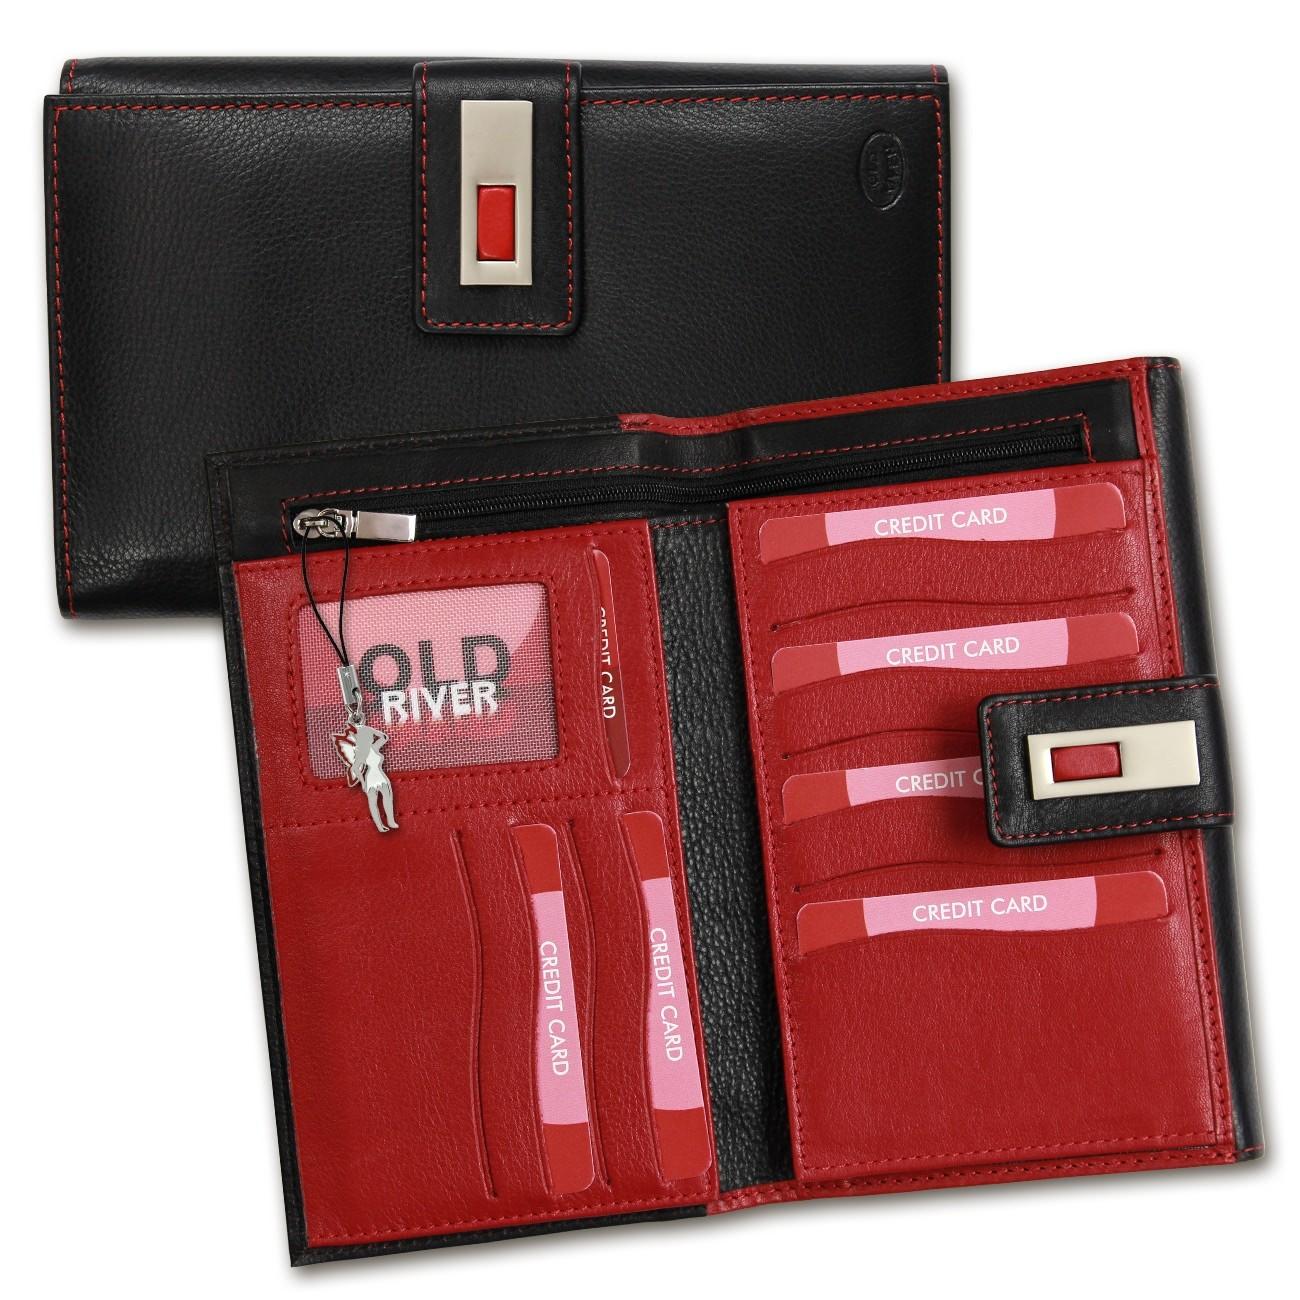 Geldbörse Großes Portemonnaie Hochformat XXL Leder schwarz Brieftasche OPD700S